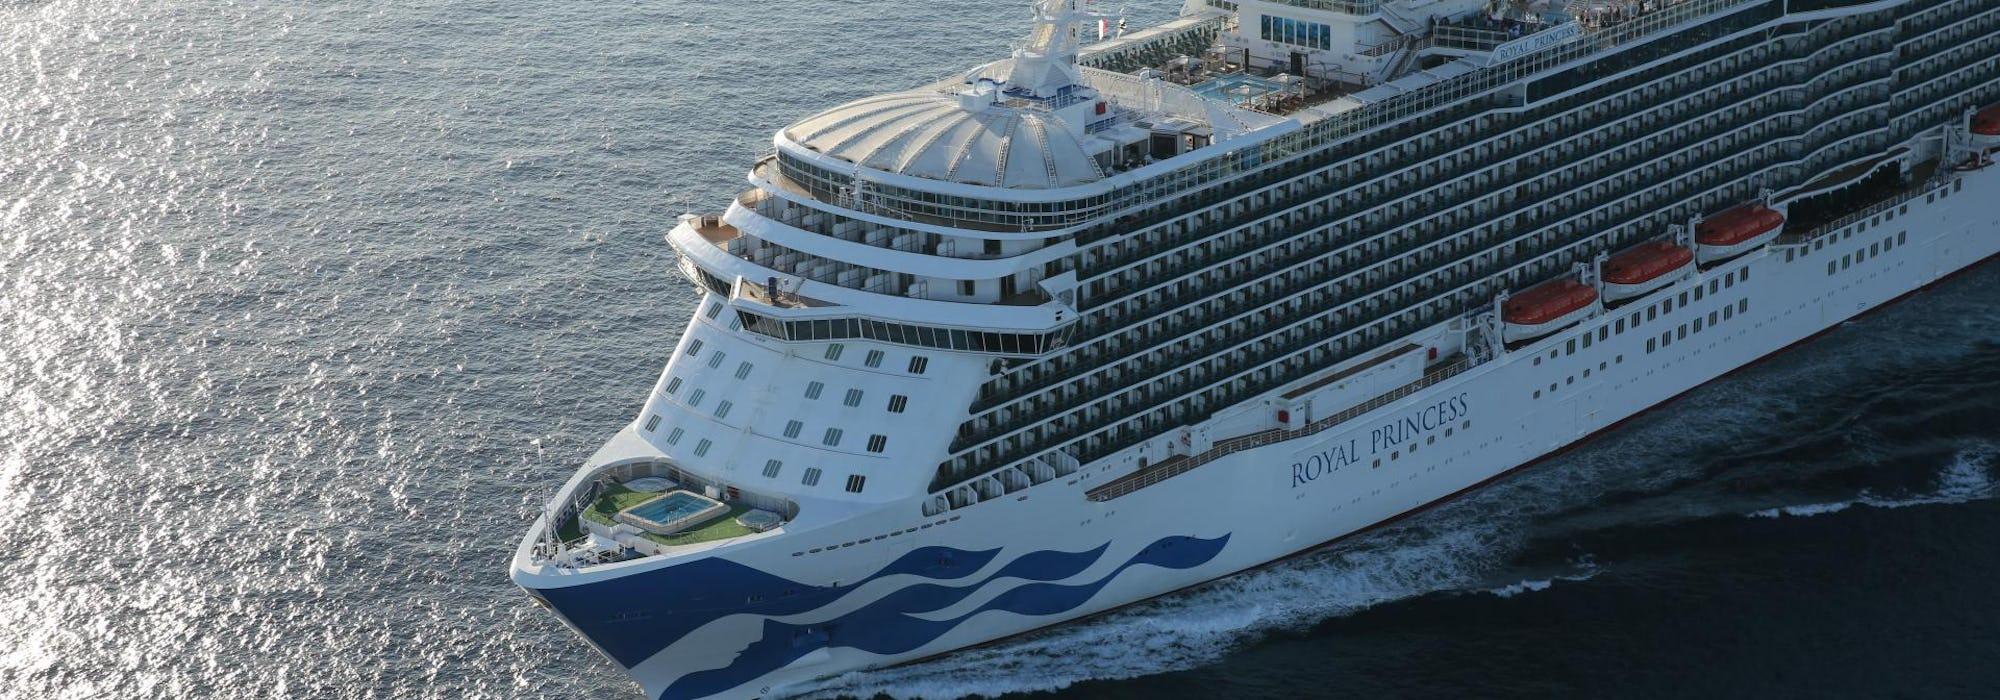 Bild snett från sidan på fartyget Royal Princess.